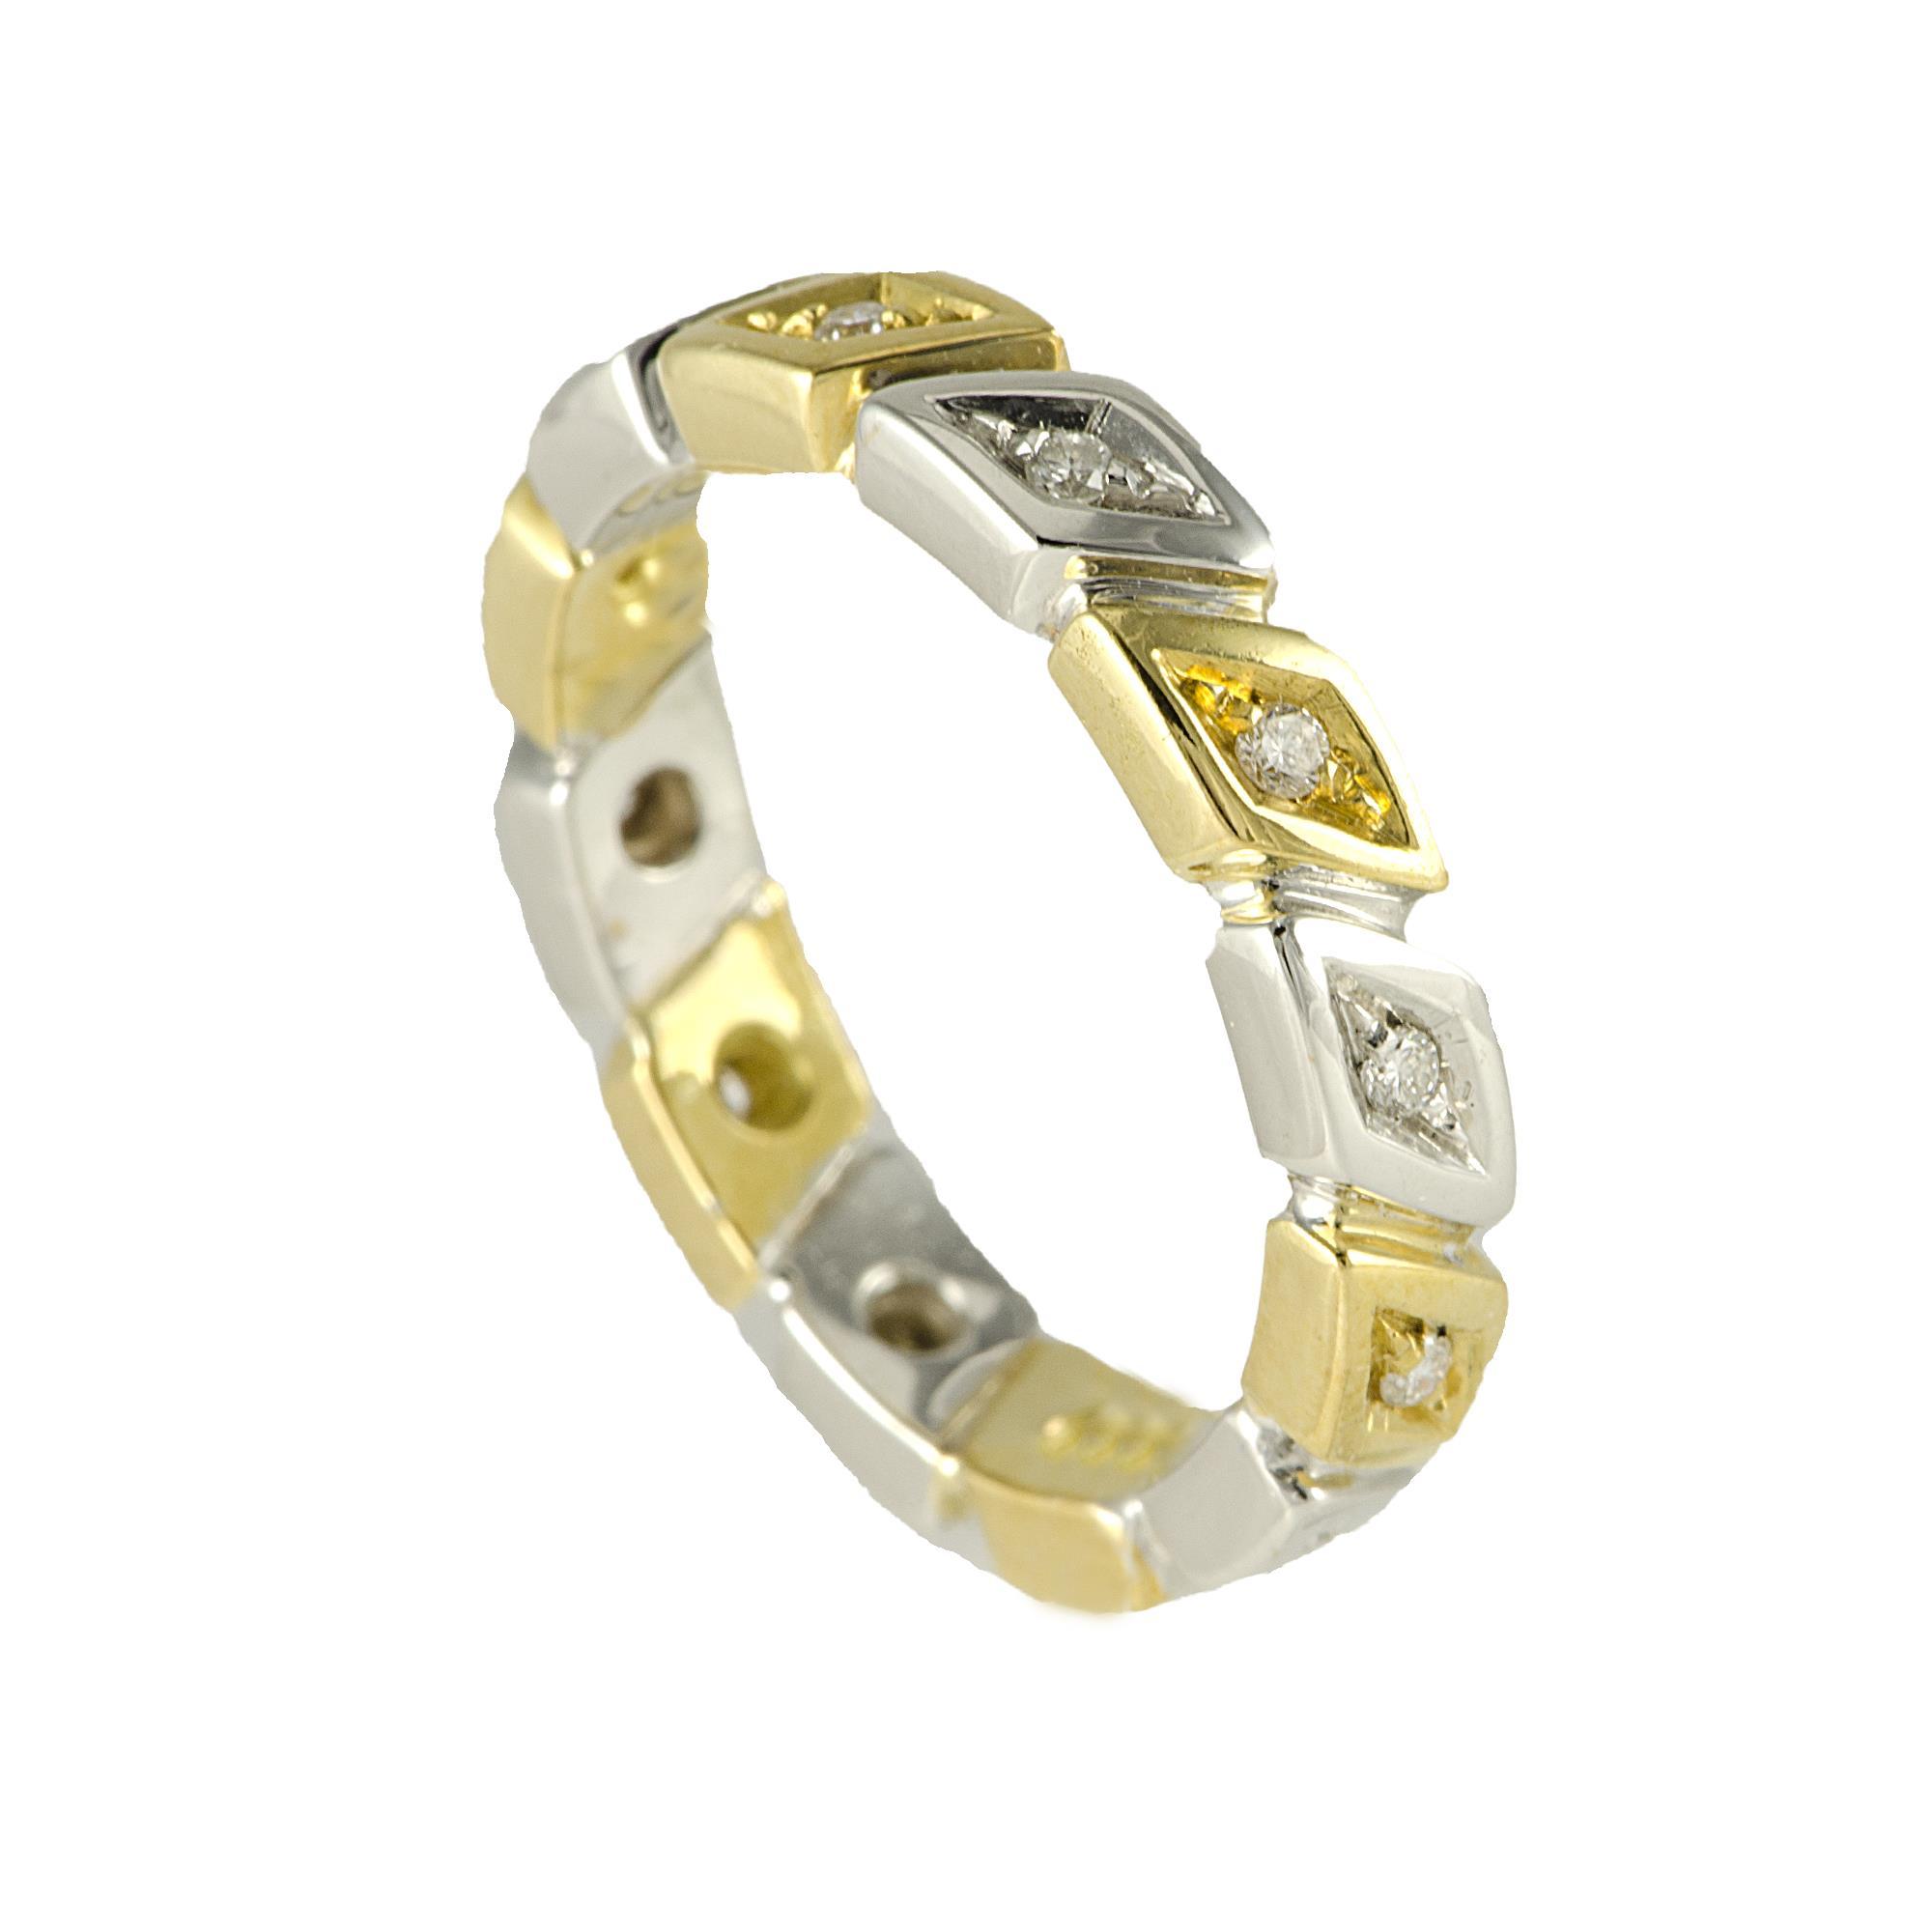 Anello Oro & Co in oro giallo e oro bianco - ALFIERI & ST. JOHN